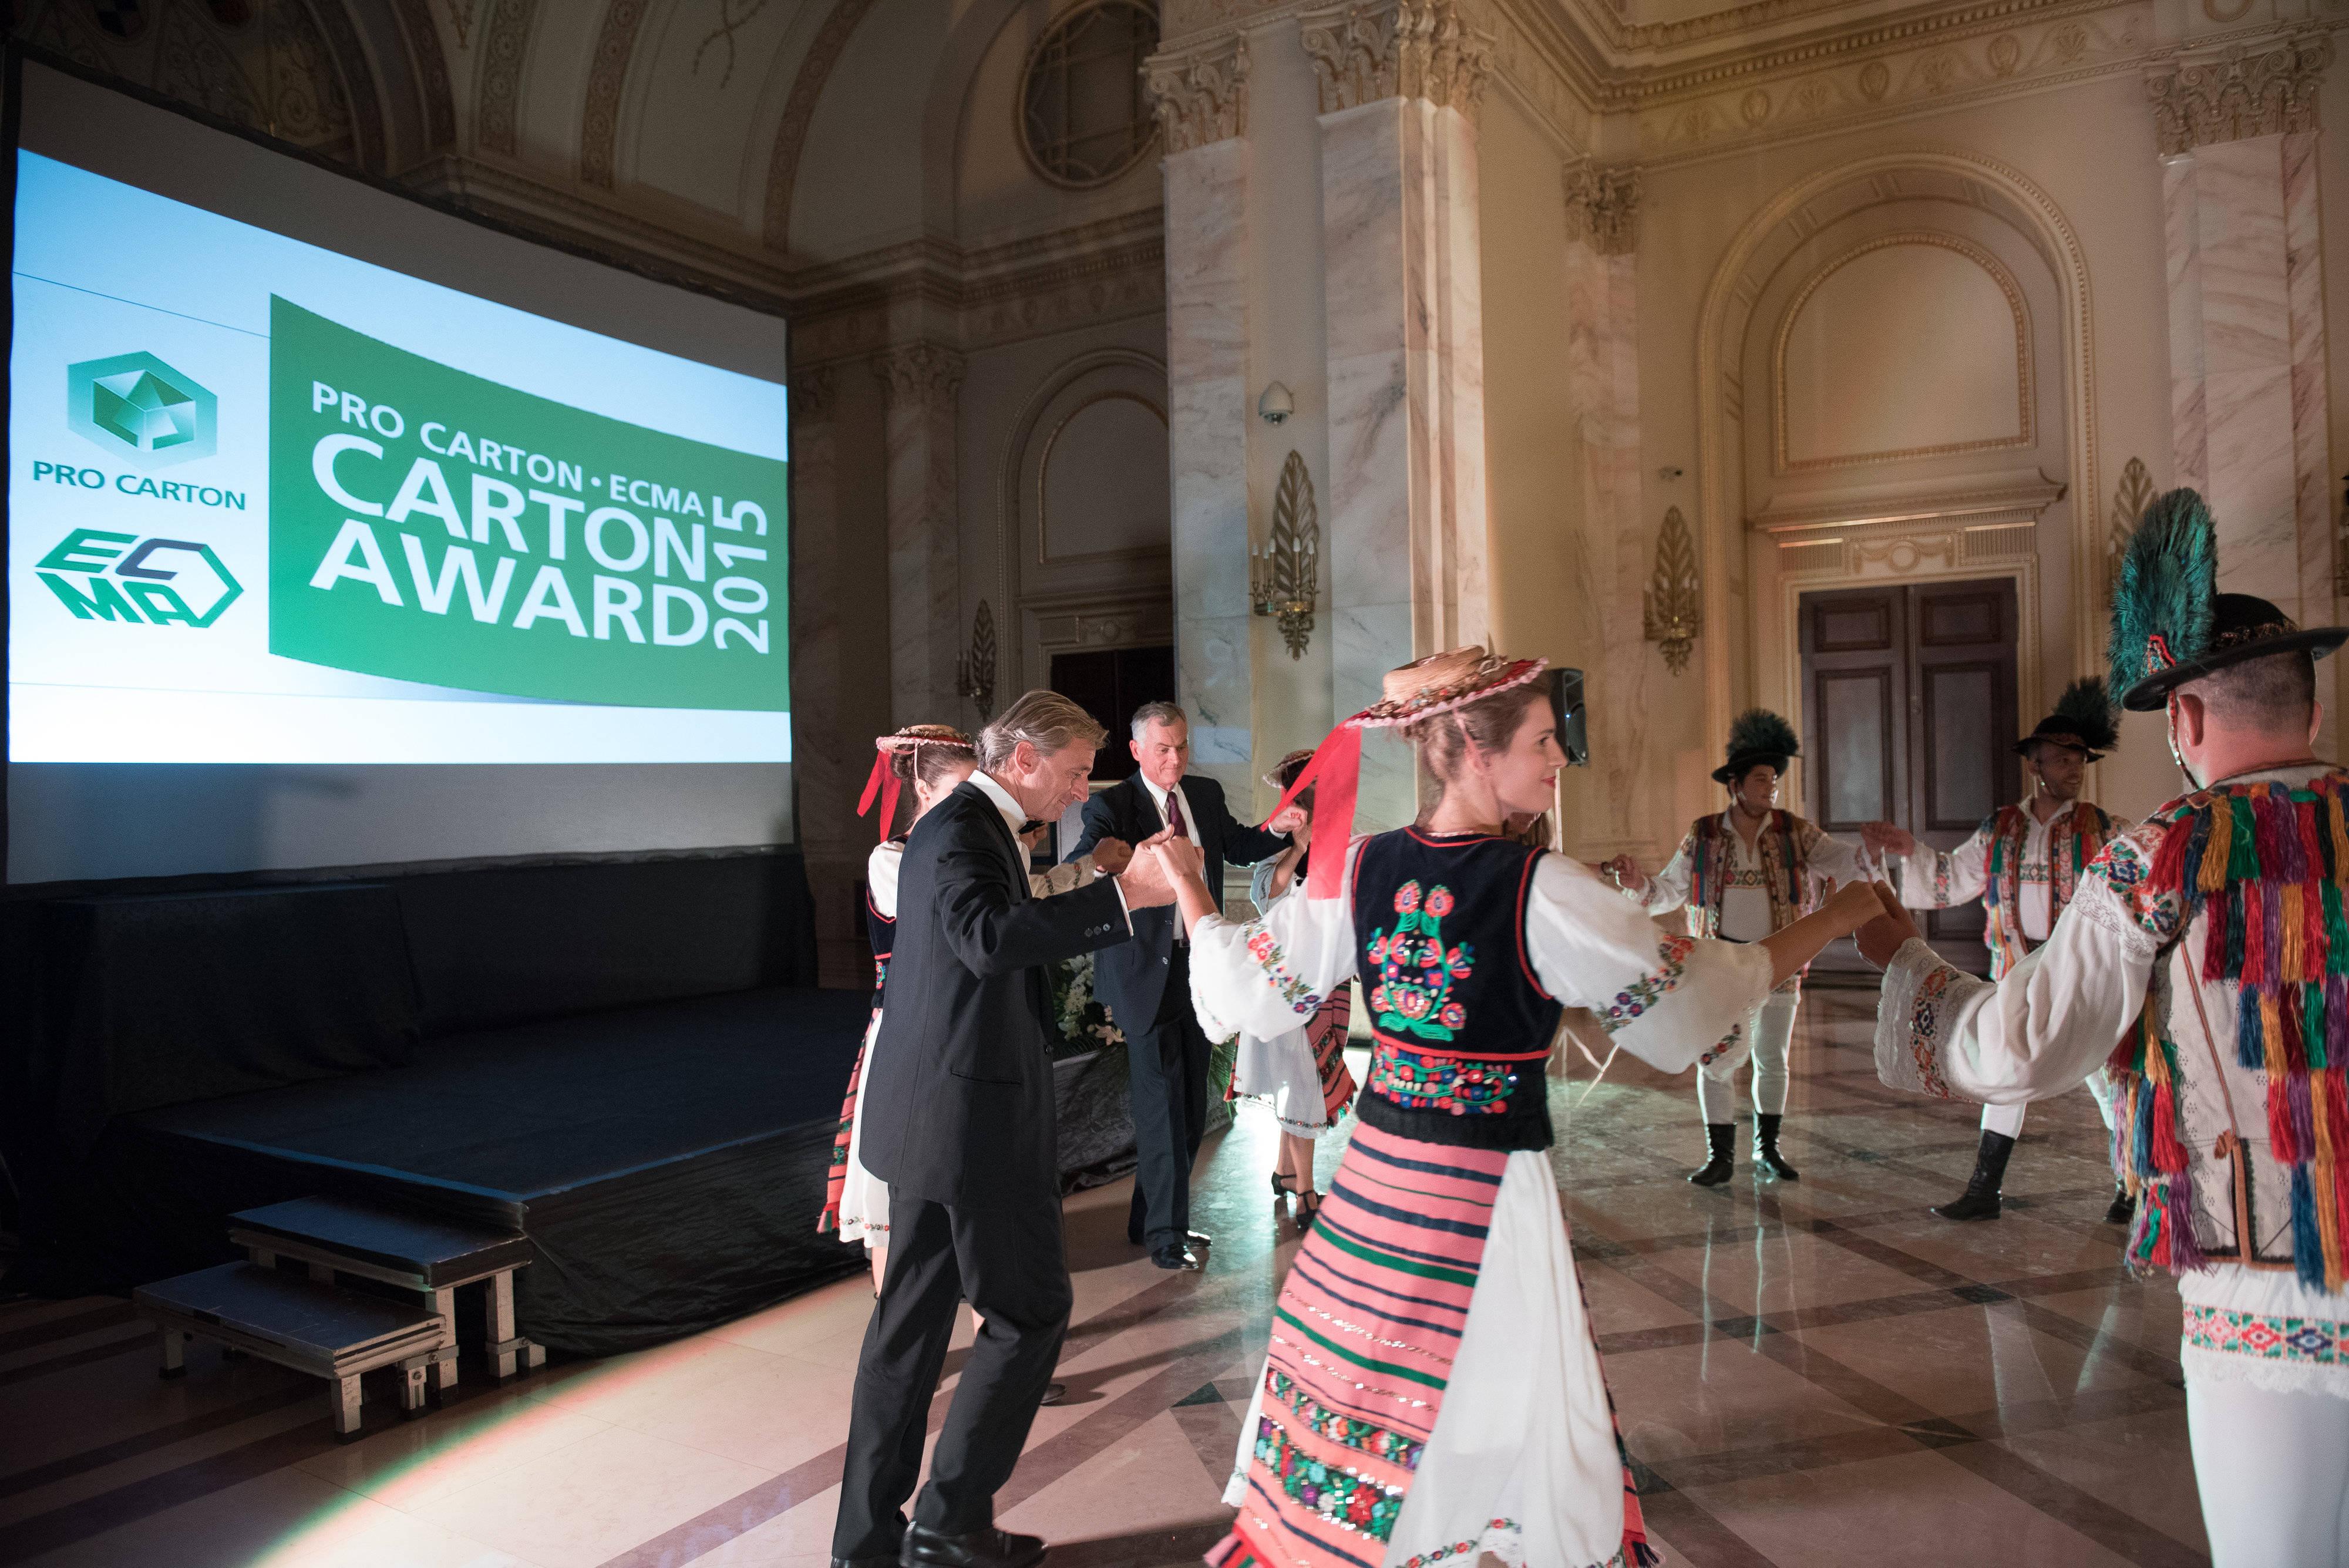 Pro Carton ECMA Award Gala 2015 51